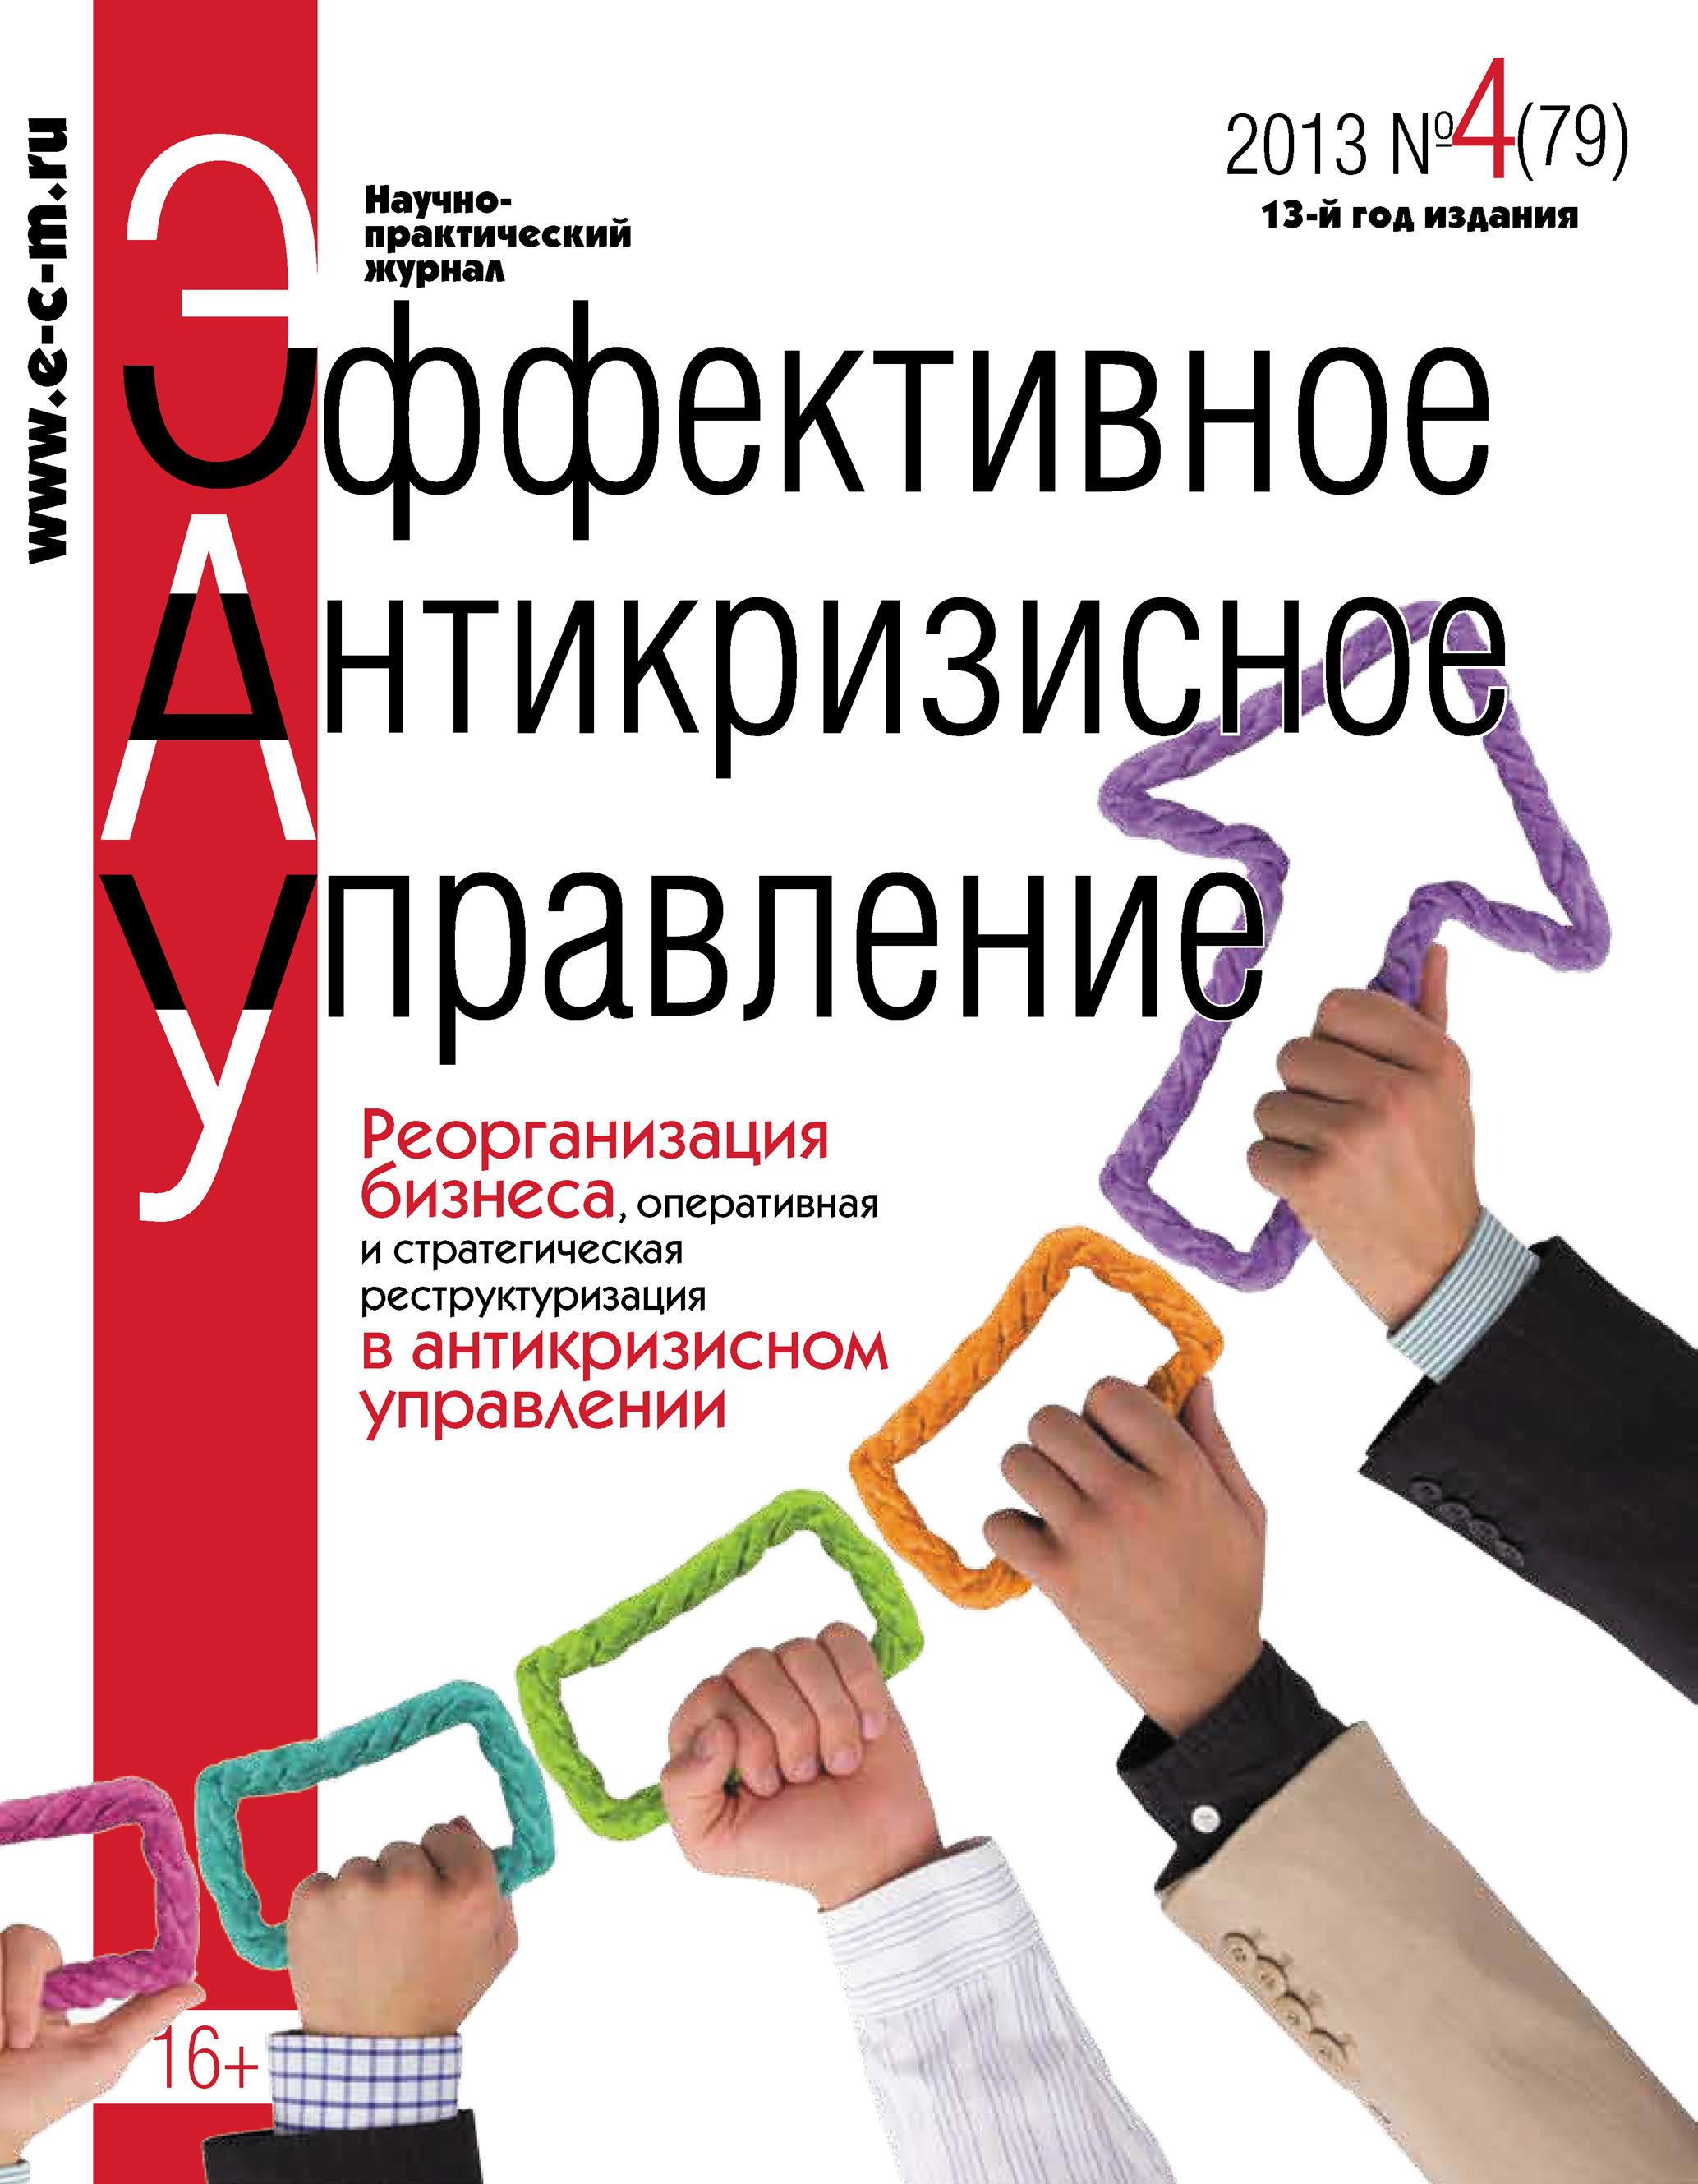 Отсутствует Эффективное антикризисное управление № 4 (79) 2013 отсутствует эффективное антикризисное управление 3 96 2016